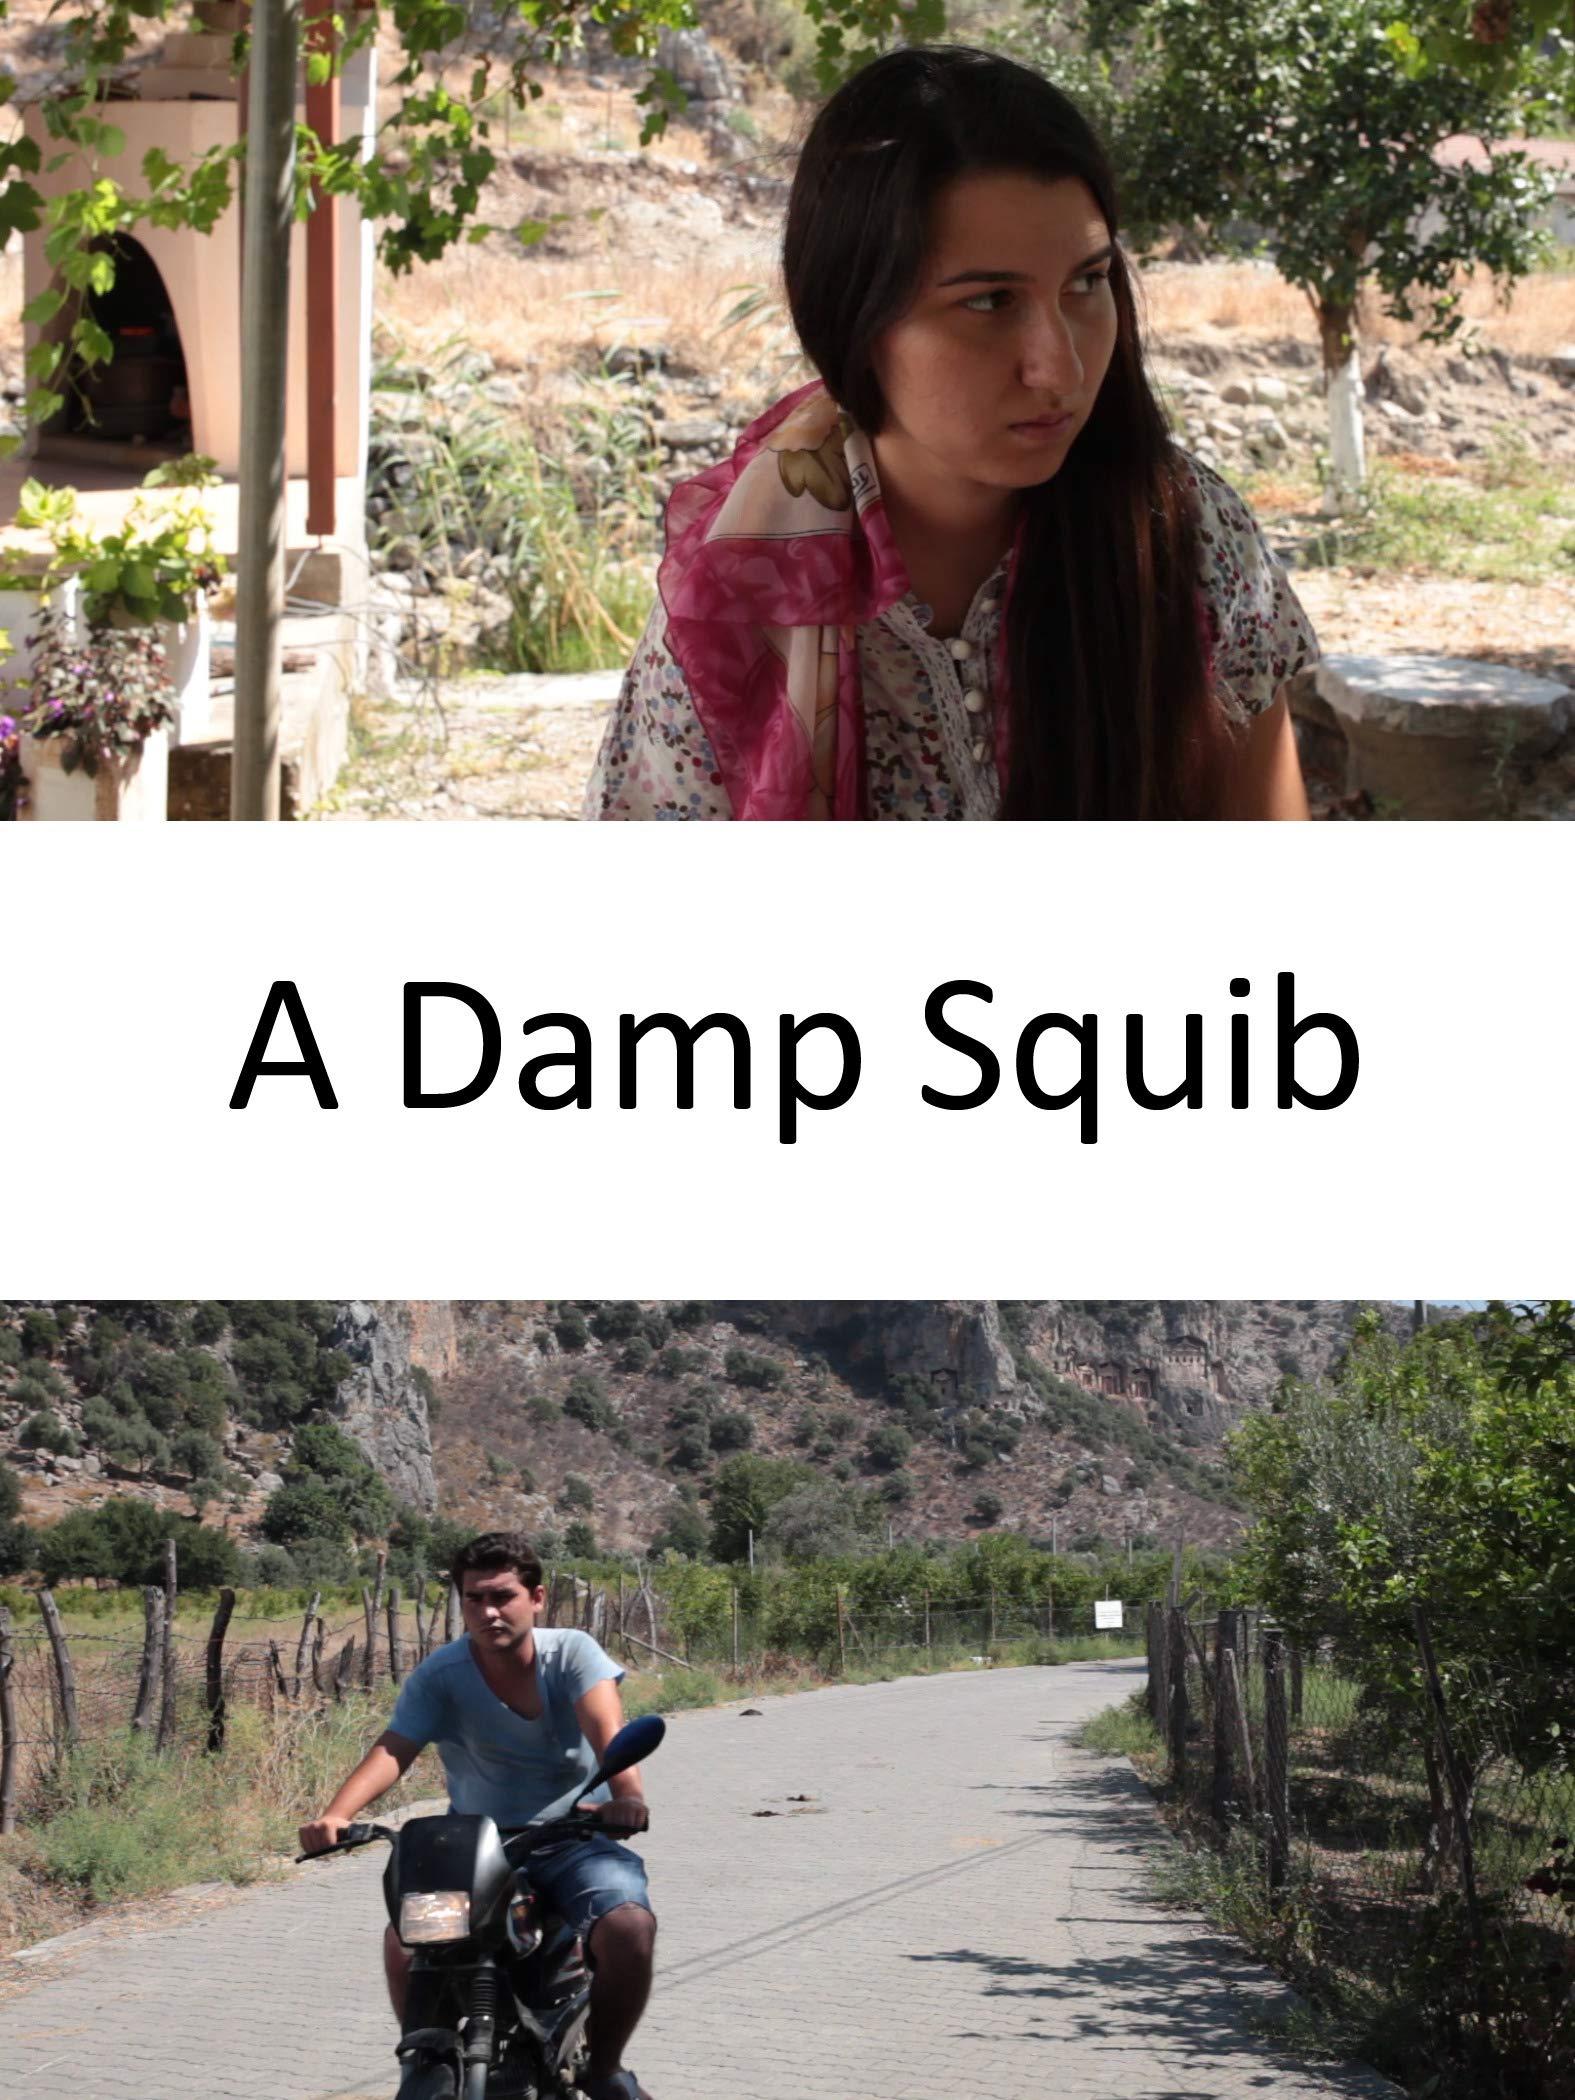 A Damp Squib